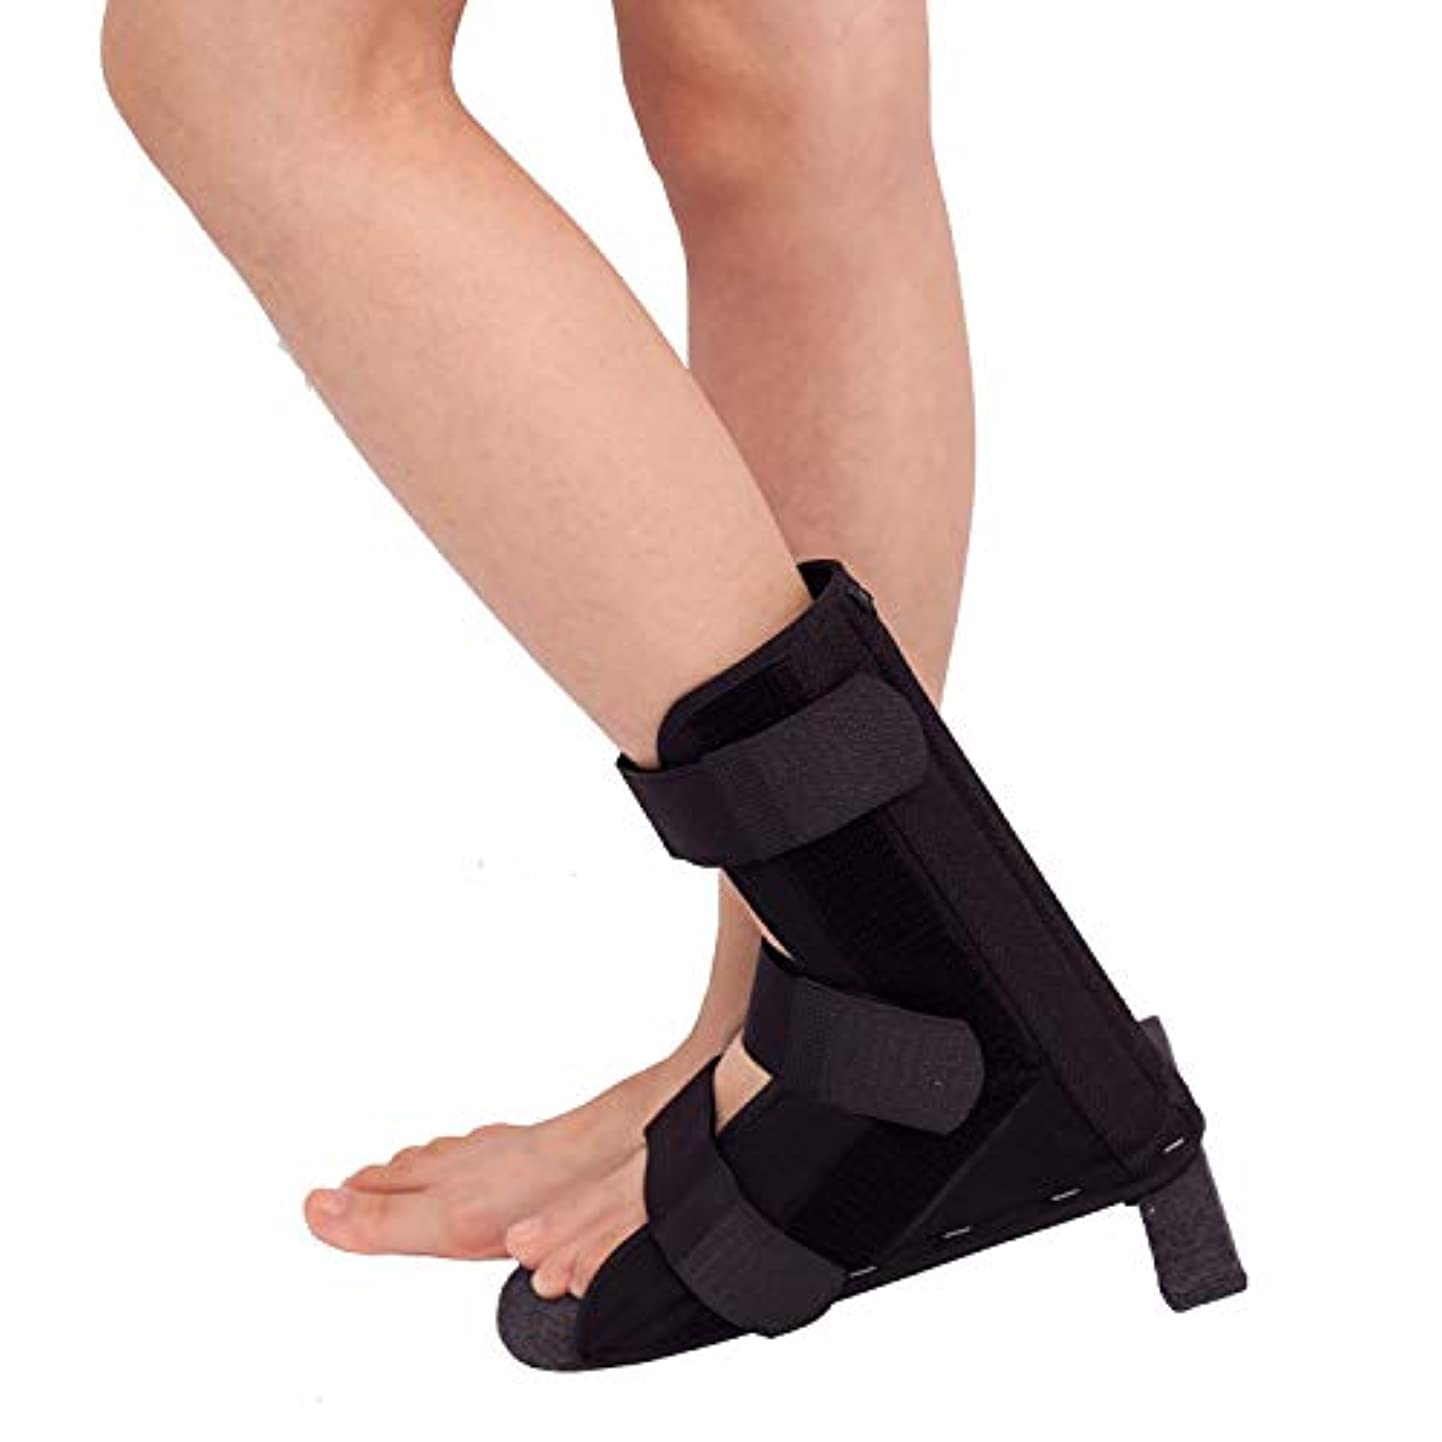 キャプテン忍耐メニュー足首サポート ア、T字型靴、整形外科用靴、足首骨折、捻挫固定ブラケット (Size : L)